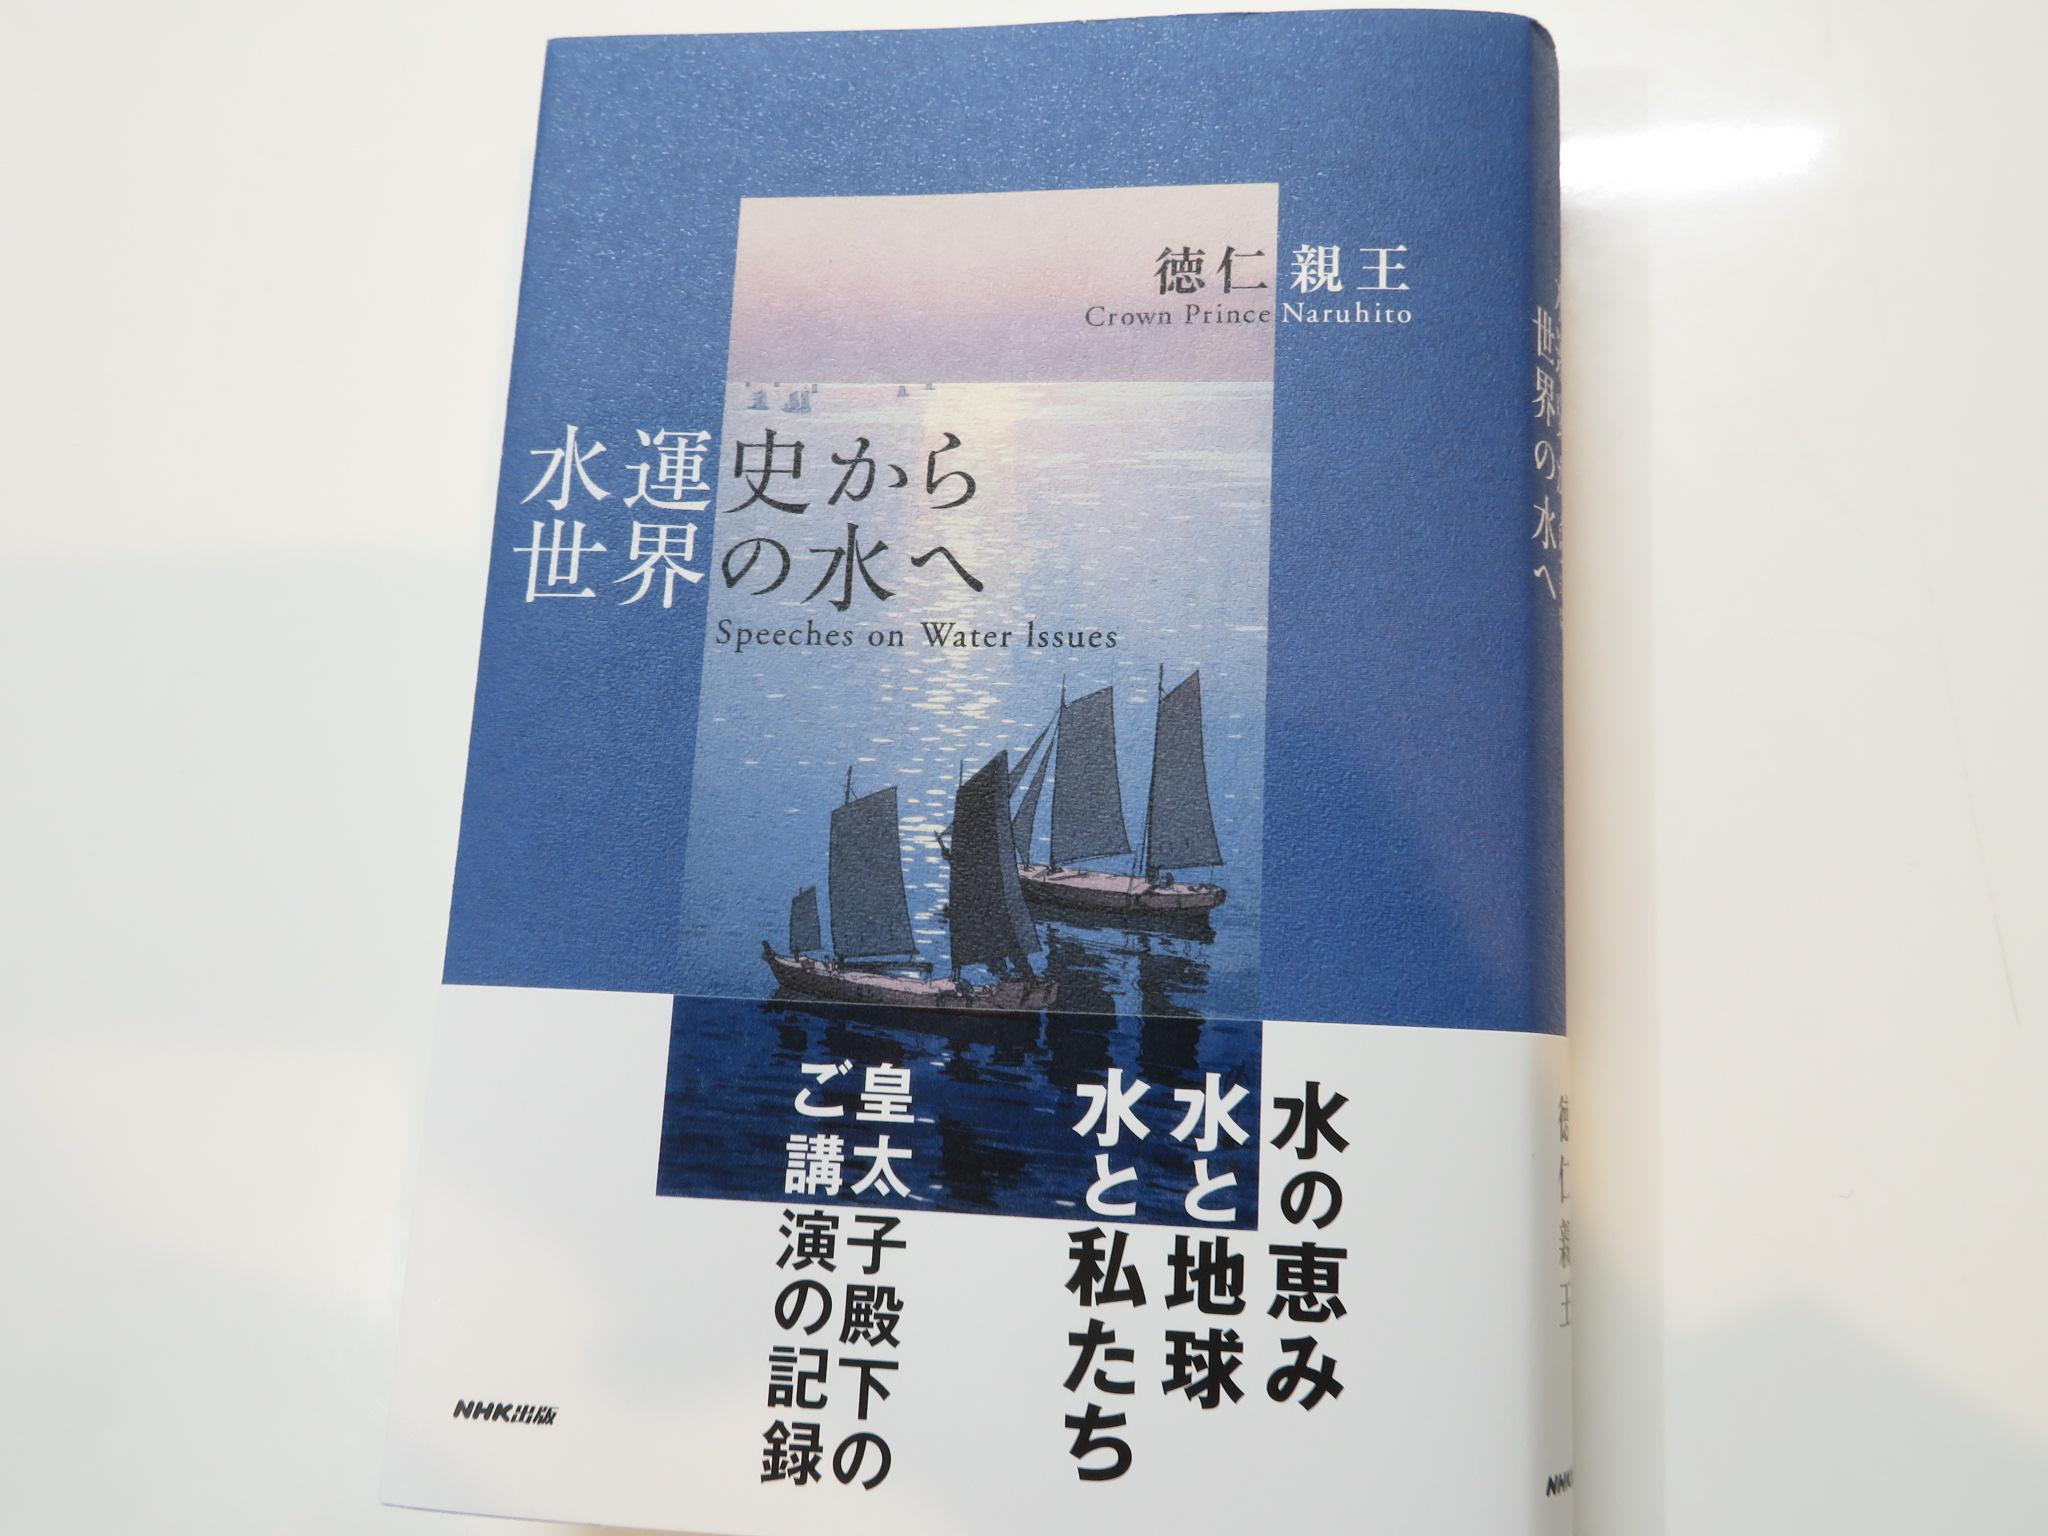 https://www.elashy-mise.jp/IMG_1746.JPG